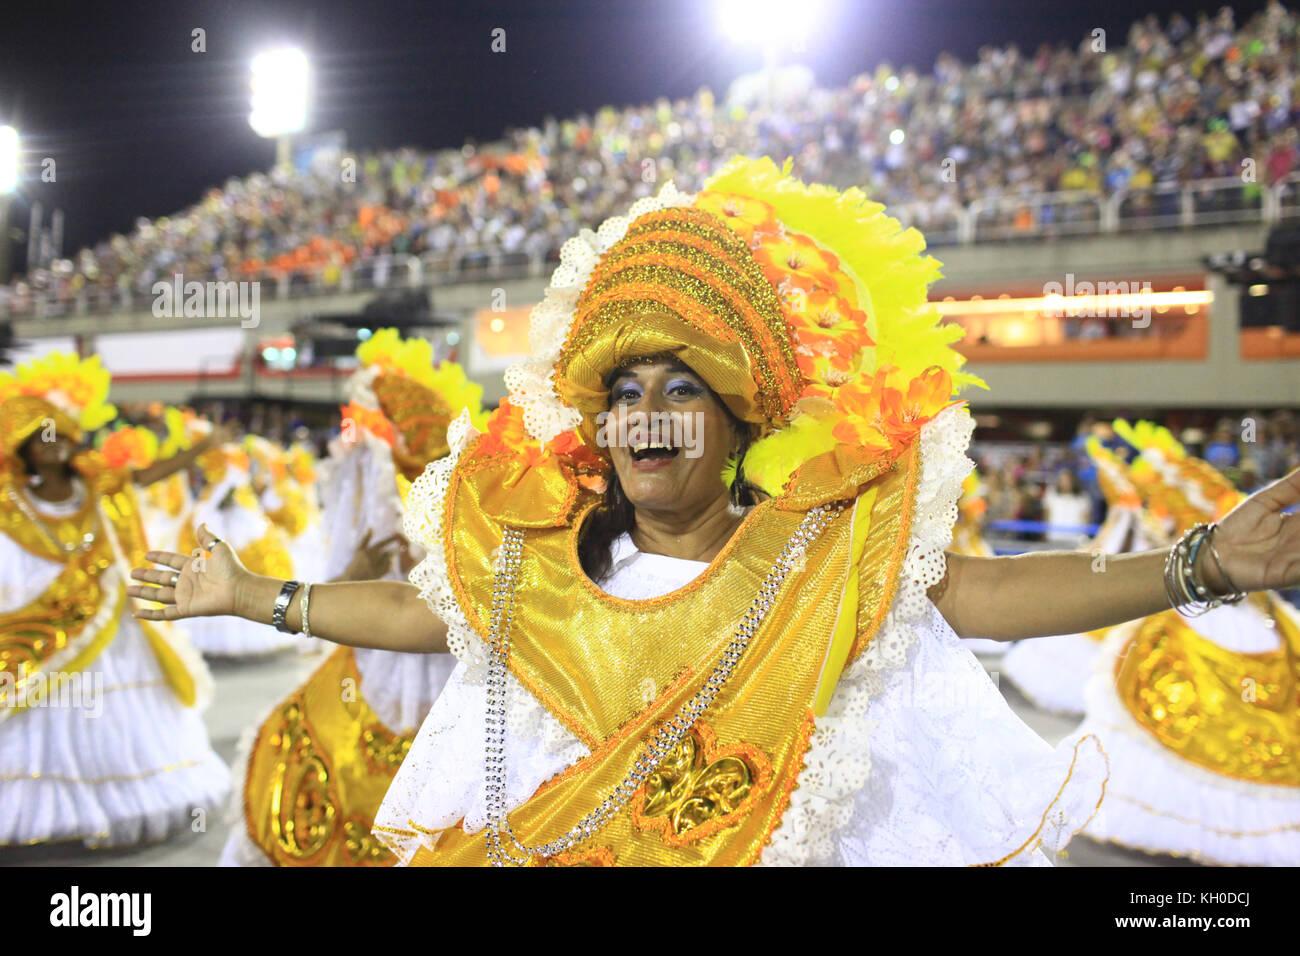 Samba Tänzer aus dem tradição samba Schule Parade der Sambodromo mit Kostümen, inspiriert durch Stockbild